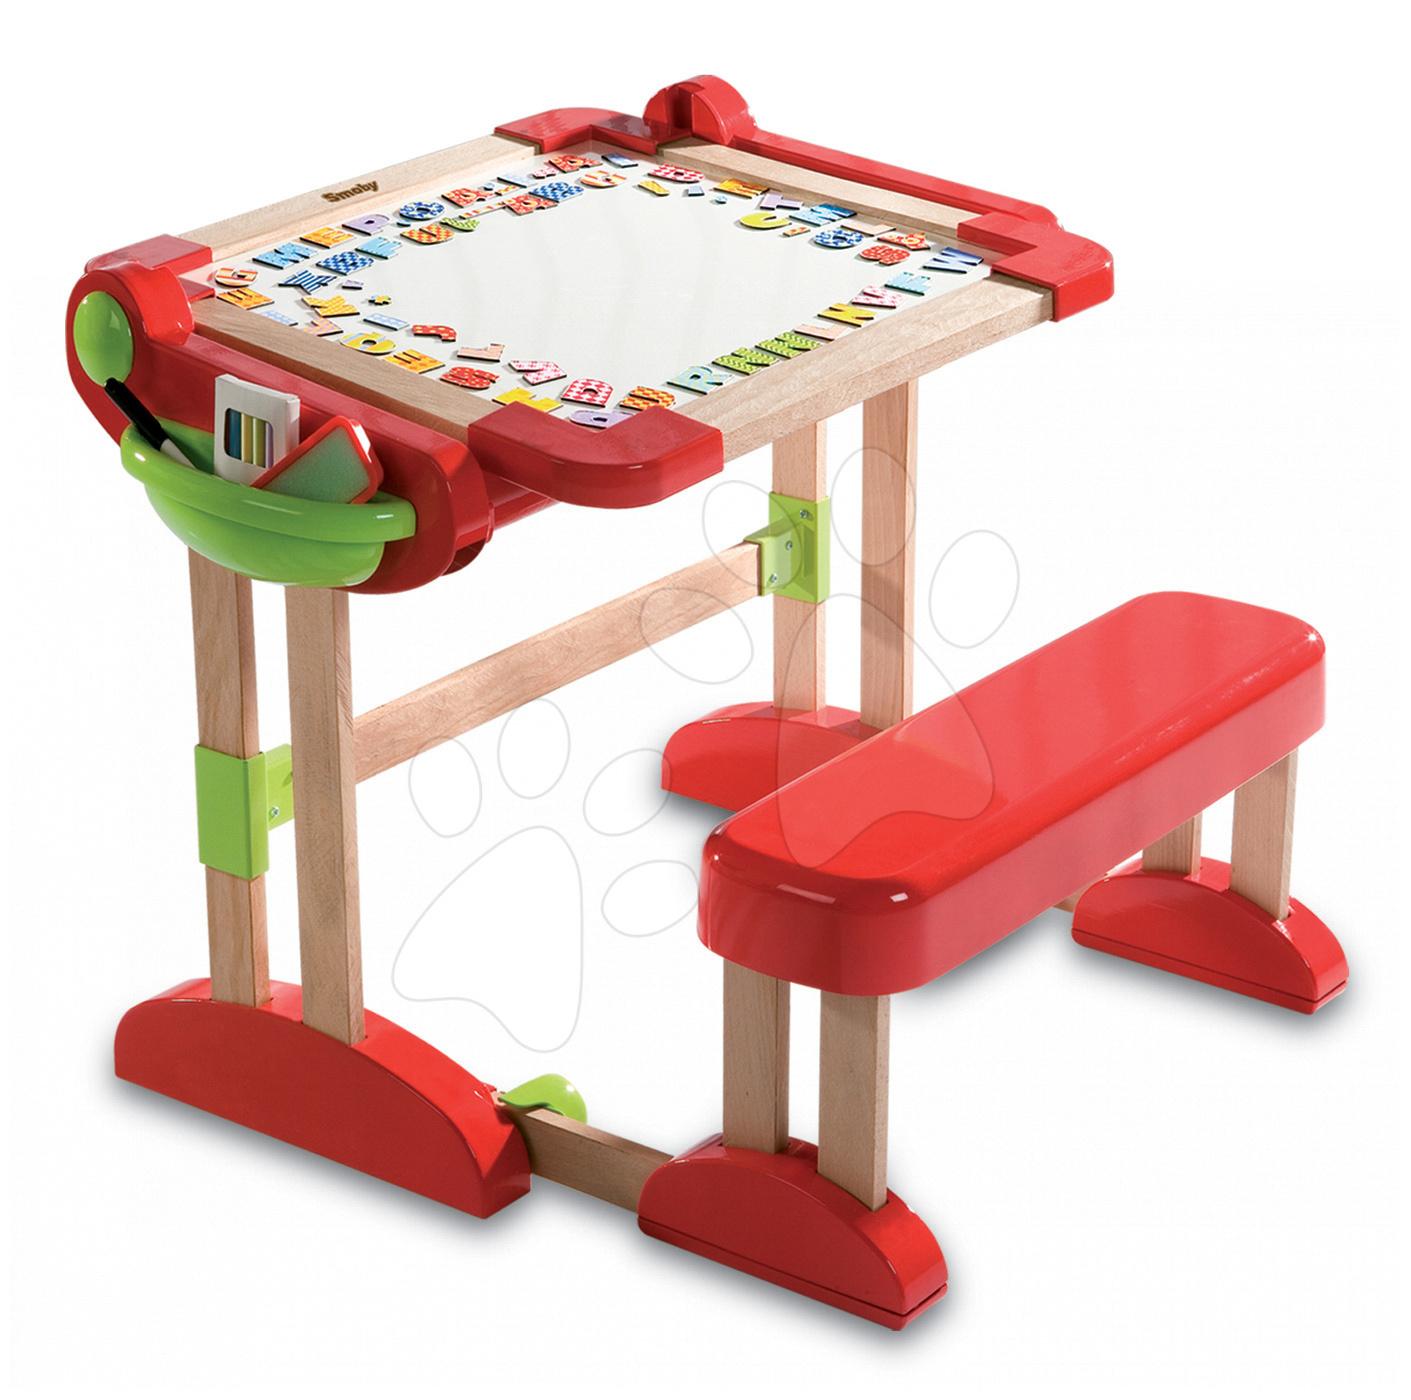 Drevená školská lavica Activity 2v1 Smoby skladacia s obojstrannou tabuľou a 61 doplnkami